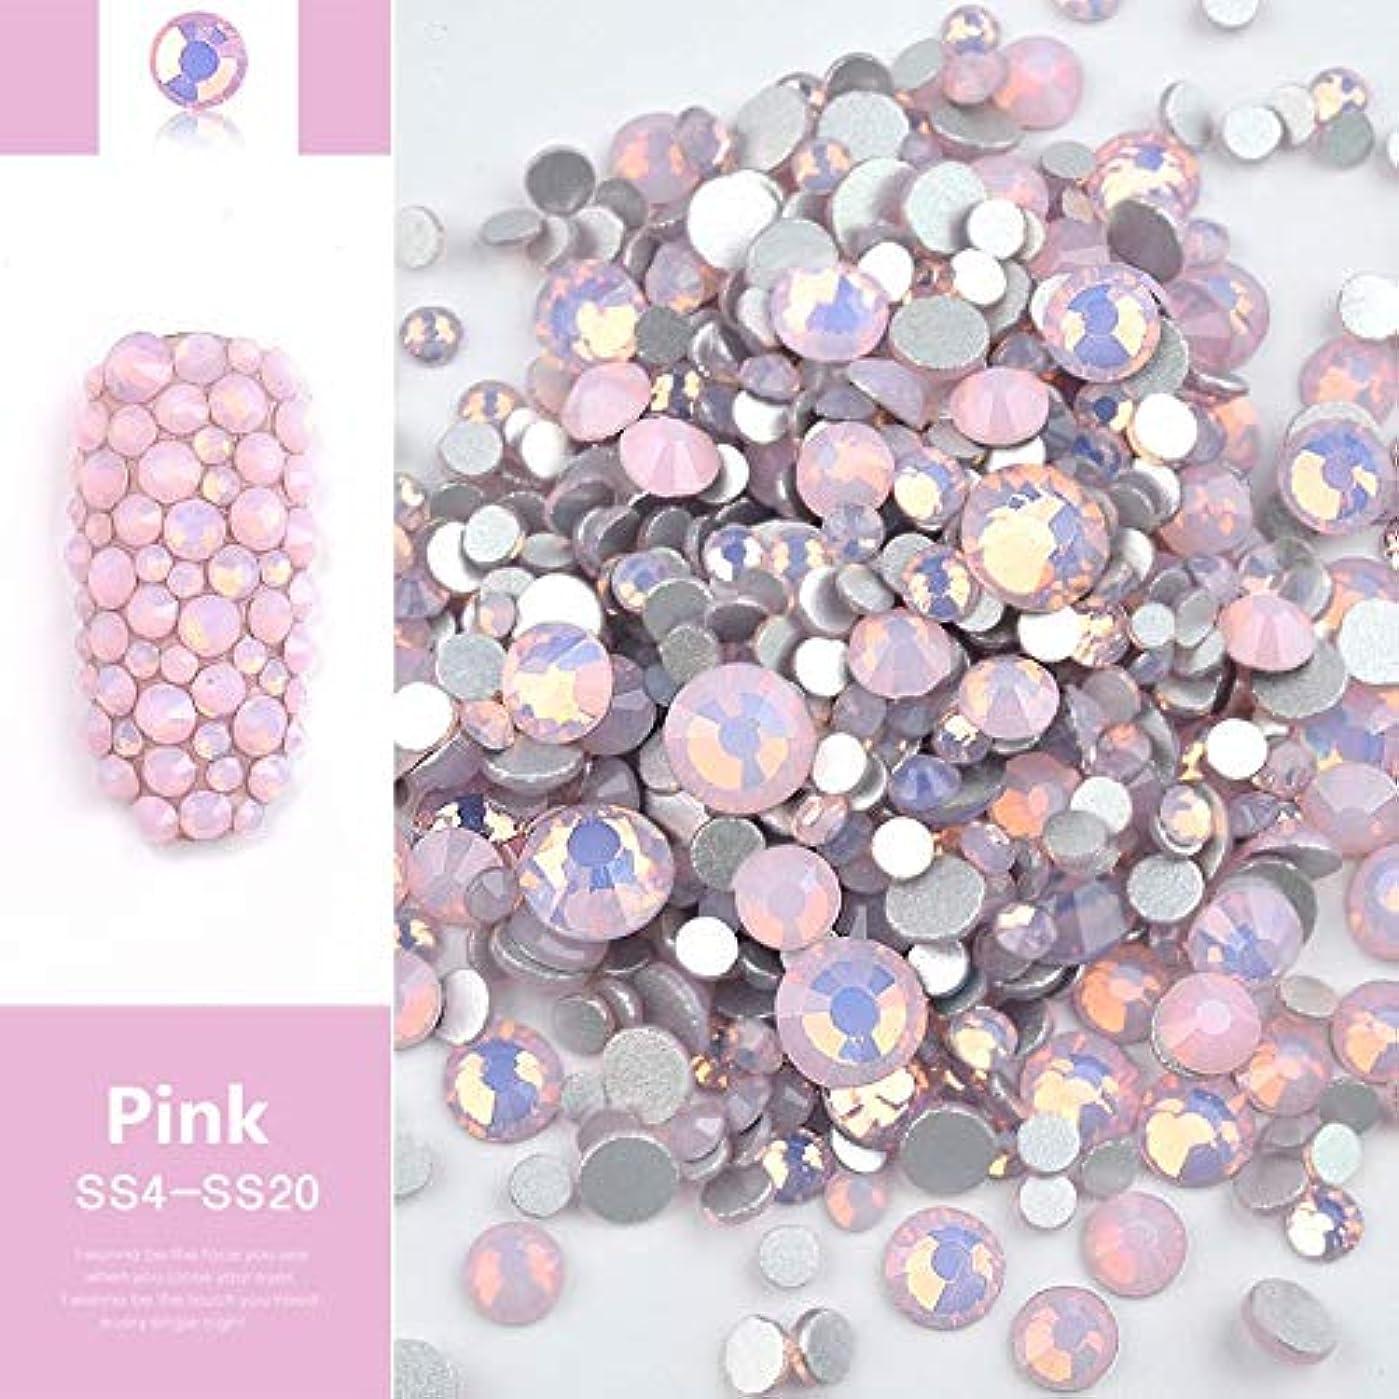 借りる実施する類似性ALEXBIAN ビーズ樹脂クリスタルラウンドネイルアートミックスフラットバックアクリルラインストーンミックスサイズ1.5-4.5 mm装飾用ネイル (Color : Pink)